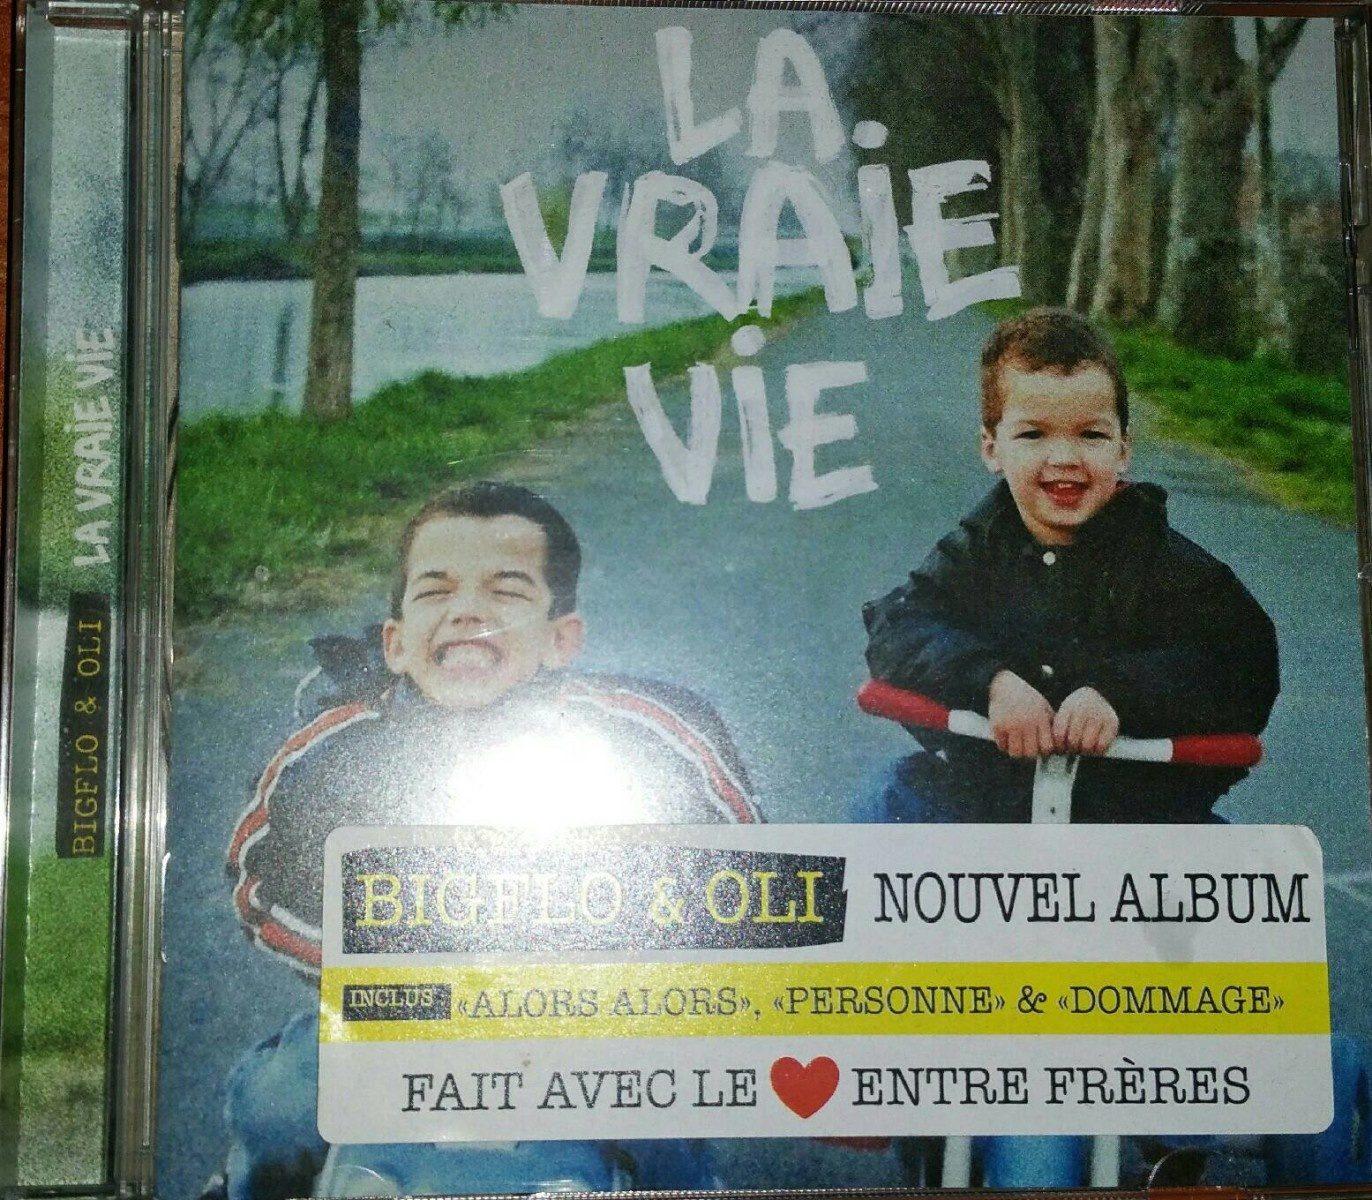 Bigflo & Oli - La Vraie Vie - Produit